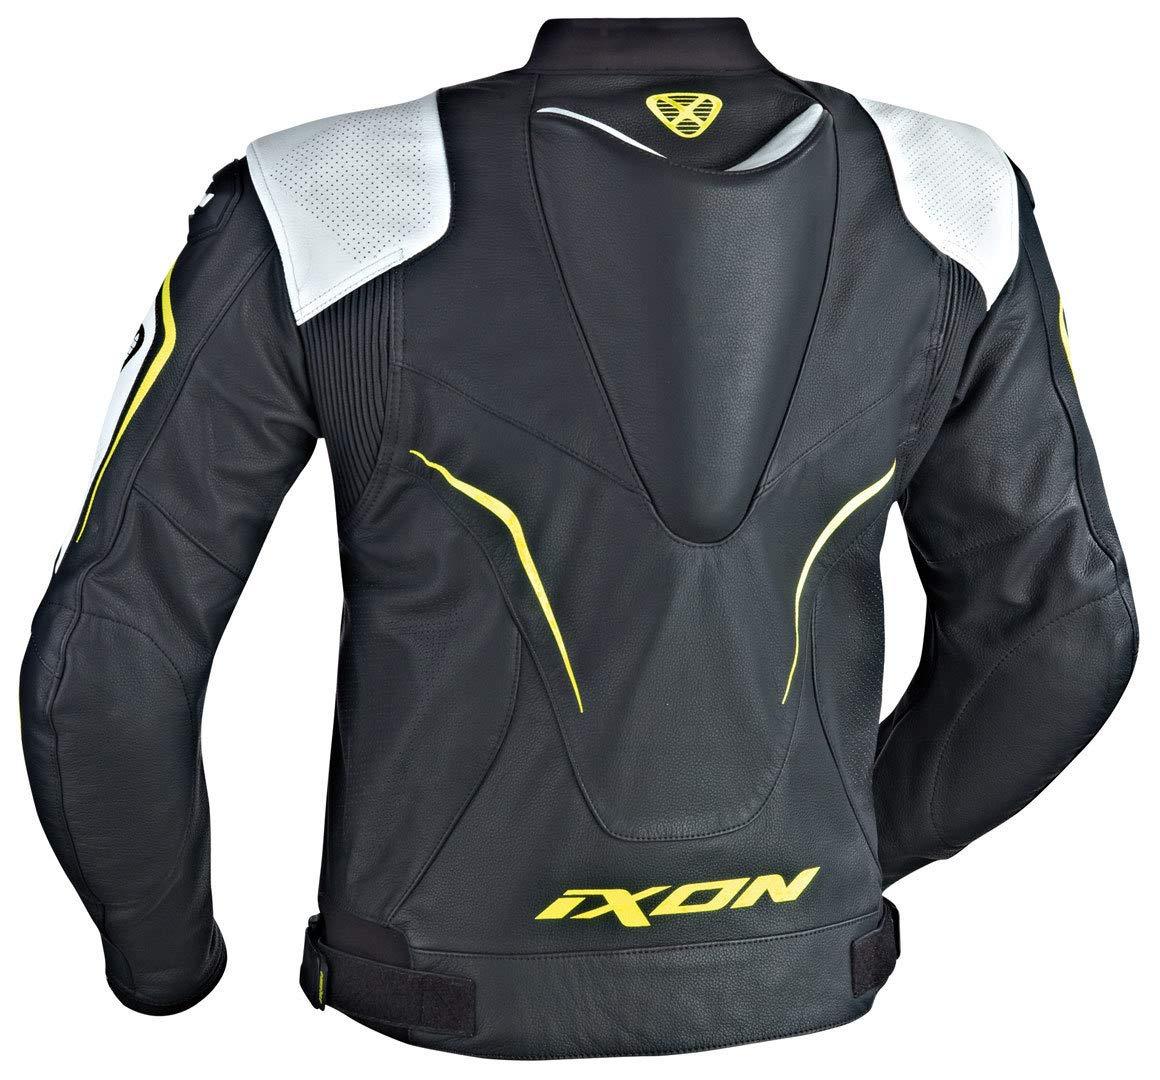 Ixon - Chaqueta Moto - Ixon Orcus, Color Negro/Blanco/Amarillo - L: Amazon.es: Coche y moto